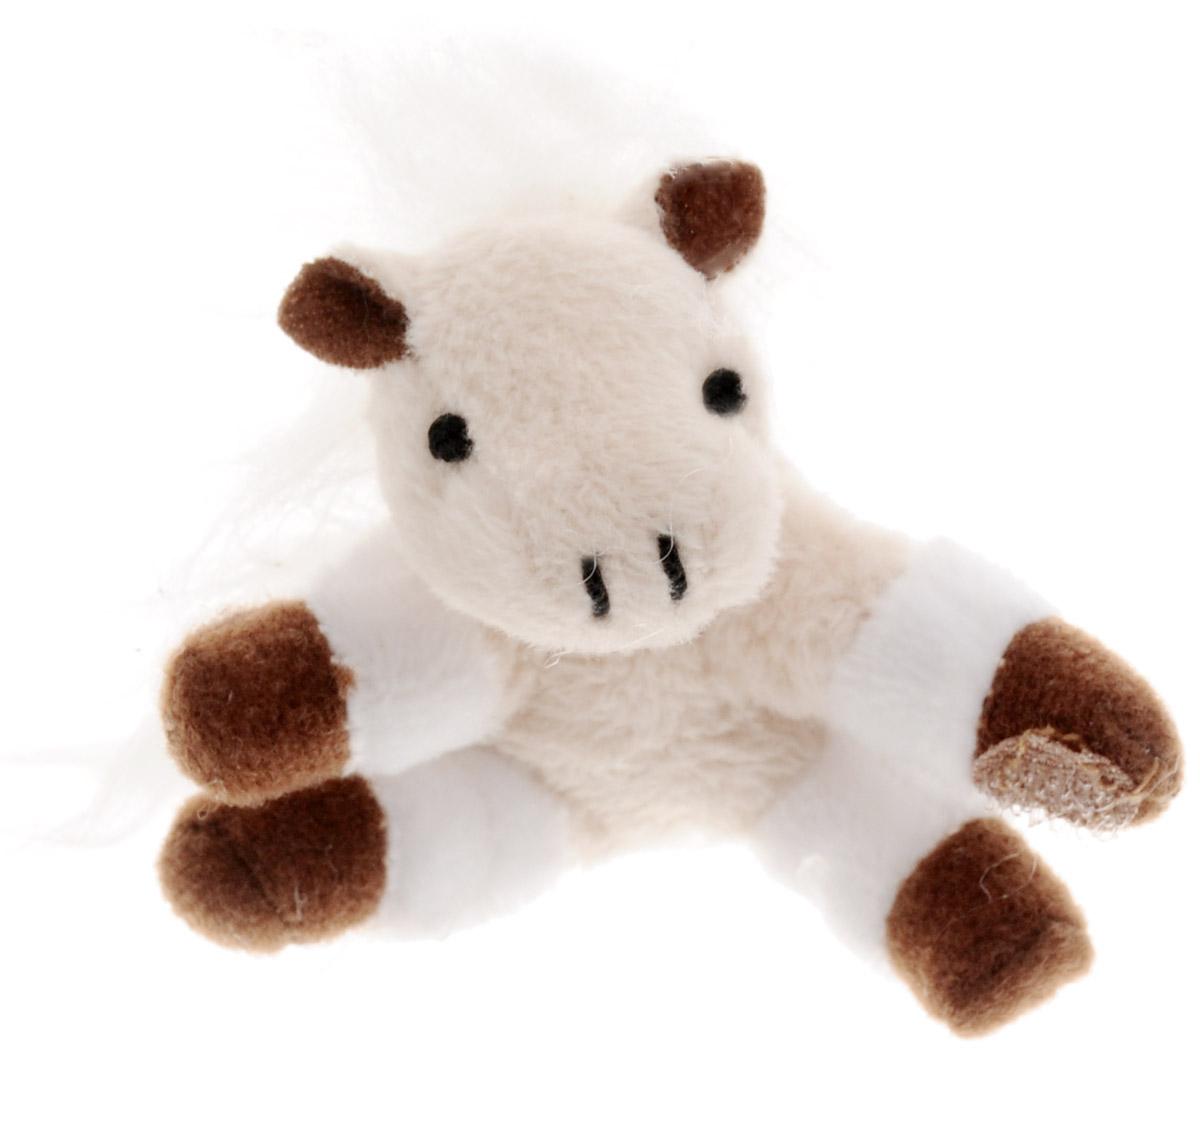 Beanzees Мягкая игрушка Лошадка Honey 5 смB31001_5_белый, бежевый, лошадкаСимпатичная миниатюрная мягкая игрушка Beanzees Лошадка Honey - это игрушка три в одном. Ее приятно держать в руках, увлекательно коллекционировать, а также эти игрушки можно соединять между собой с помощью липучек и носить как оригинальное украшение на шею или на руку. По легенде эти крошечные животные обитают все вместе в волшебном лесу под названием Бинзилэнд, в котором всегда ярко светит солнышко и цветут цветы. Размер игрушки 5 см, она выполнена из мягкого гипоаллергенного материала, набивка - синтетическое волокно, в том числе специальные пластиковые гранулы, делающие эту игрушку замечательным антистрессом. На лапках лошадки располагаются маленькие текстильные липучки, с помощью которых игрушку можно соединять с другими.